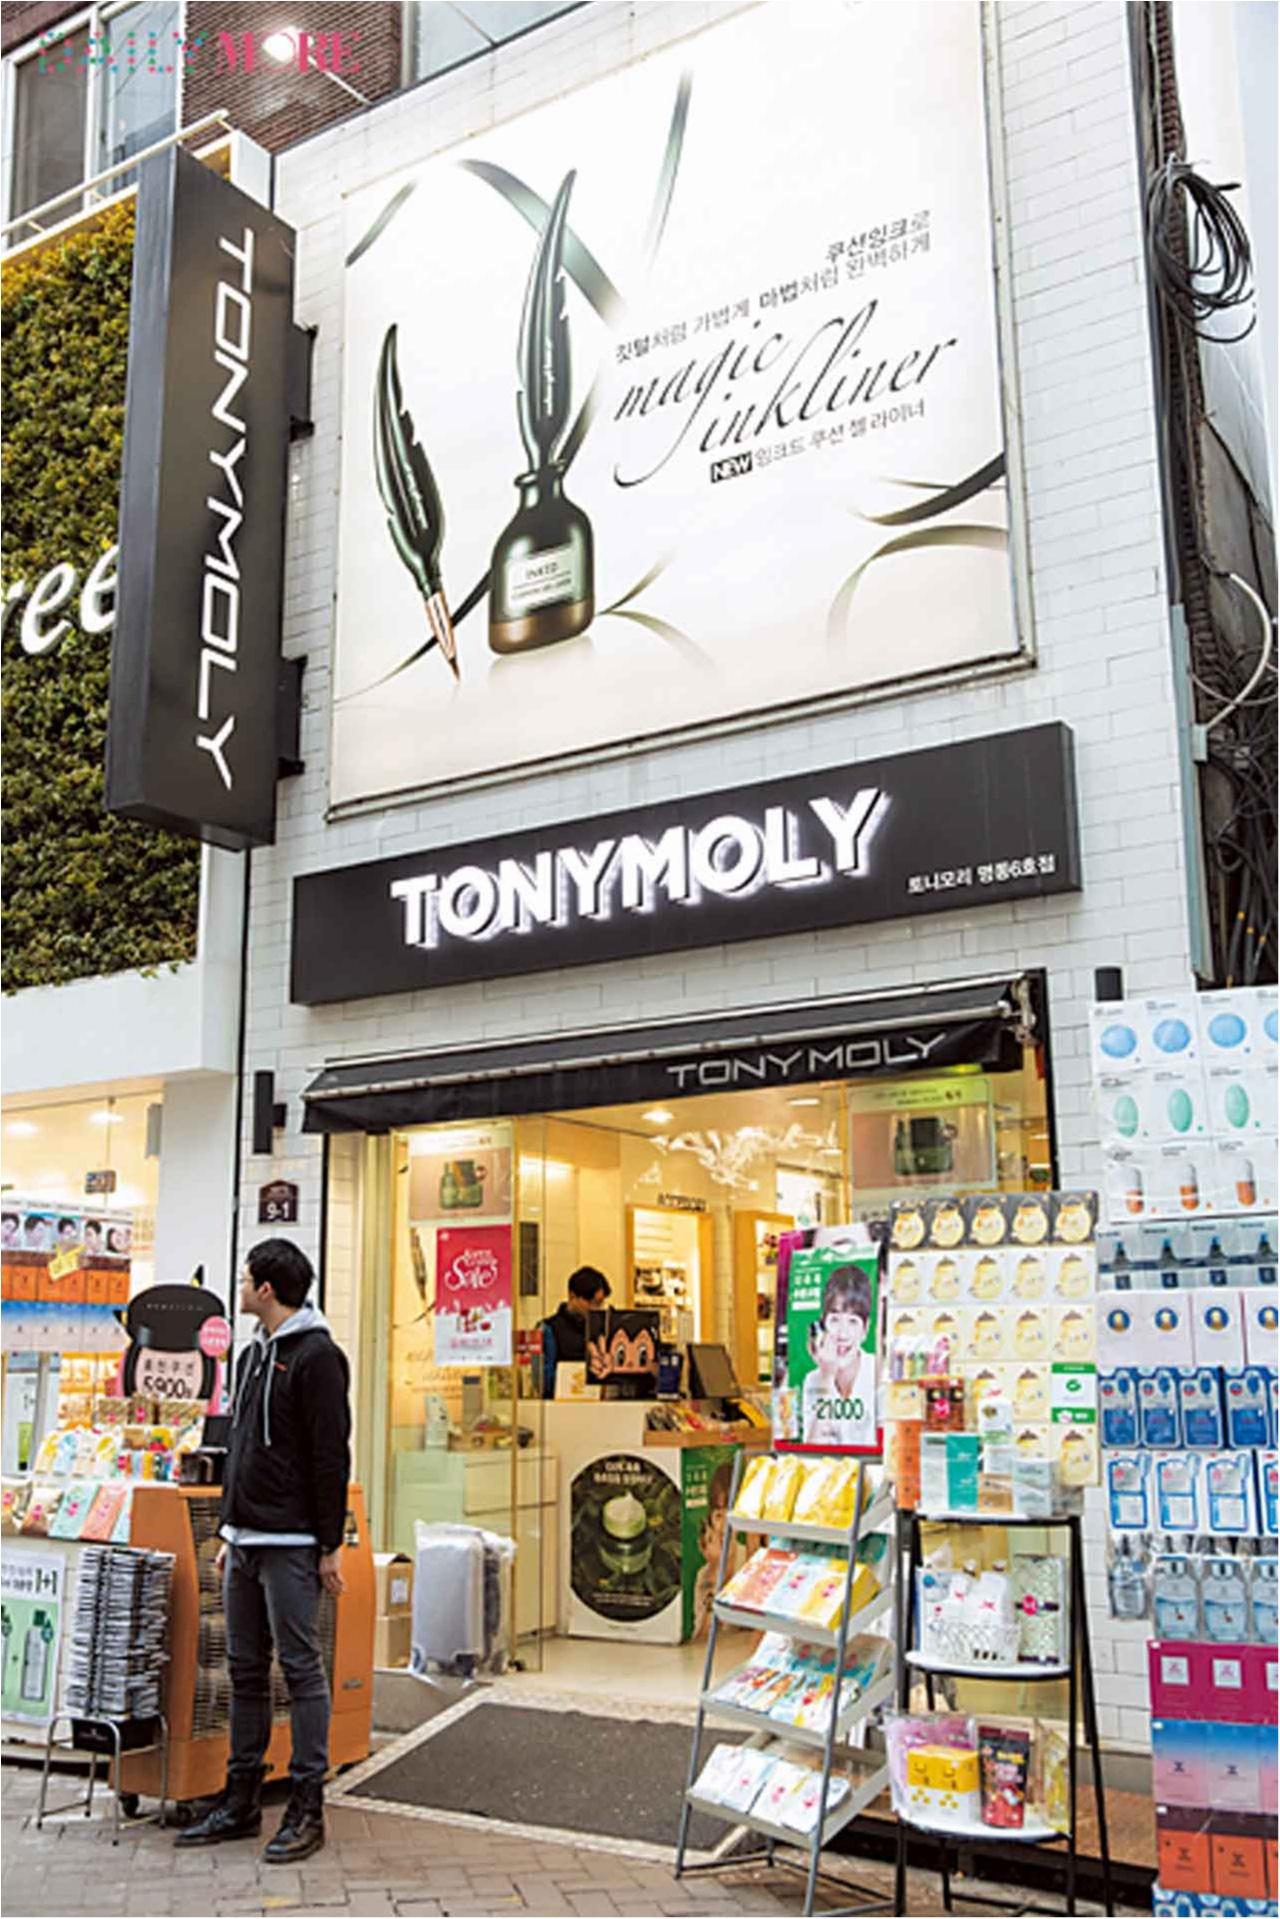 コスメ天国・ソウルのイチオシ、教えます! 韓国美容フリーク・小田切ヒロと逢沢りなの「ソウル最新ビューティースポット」爆買いコスメ編_3